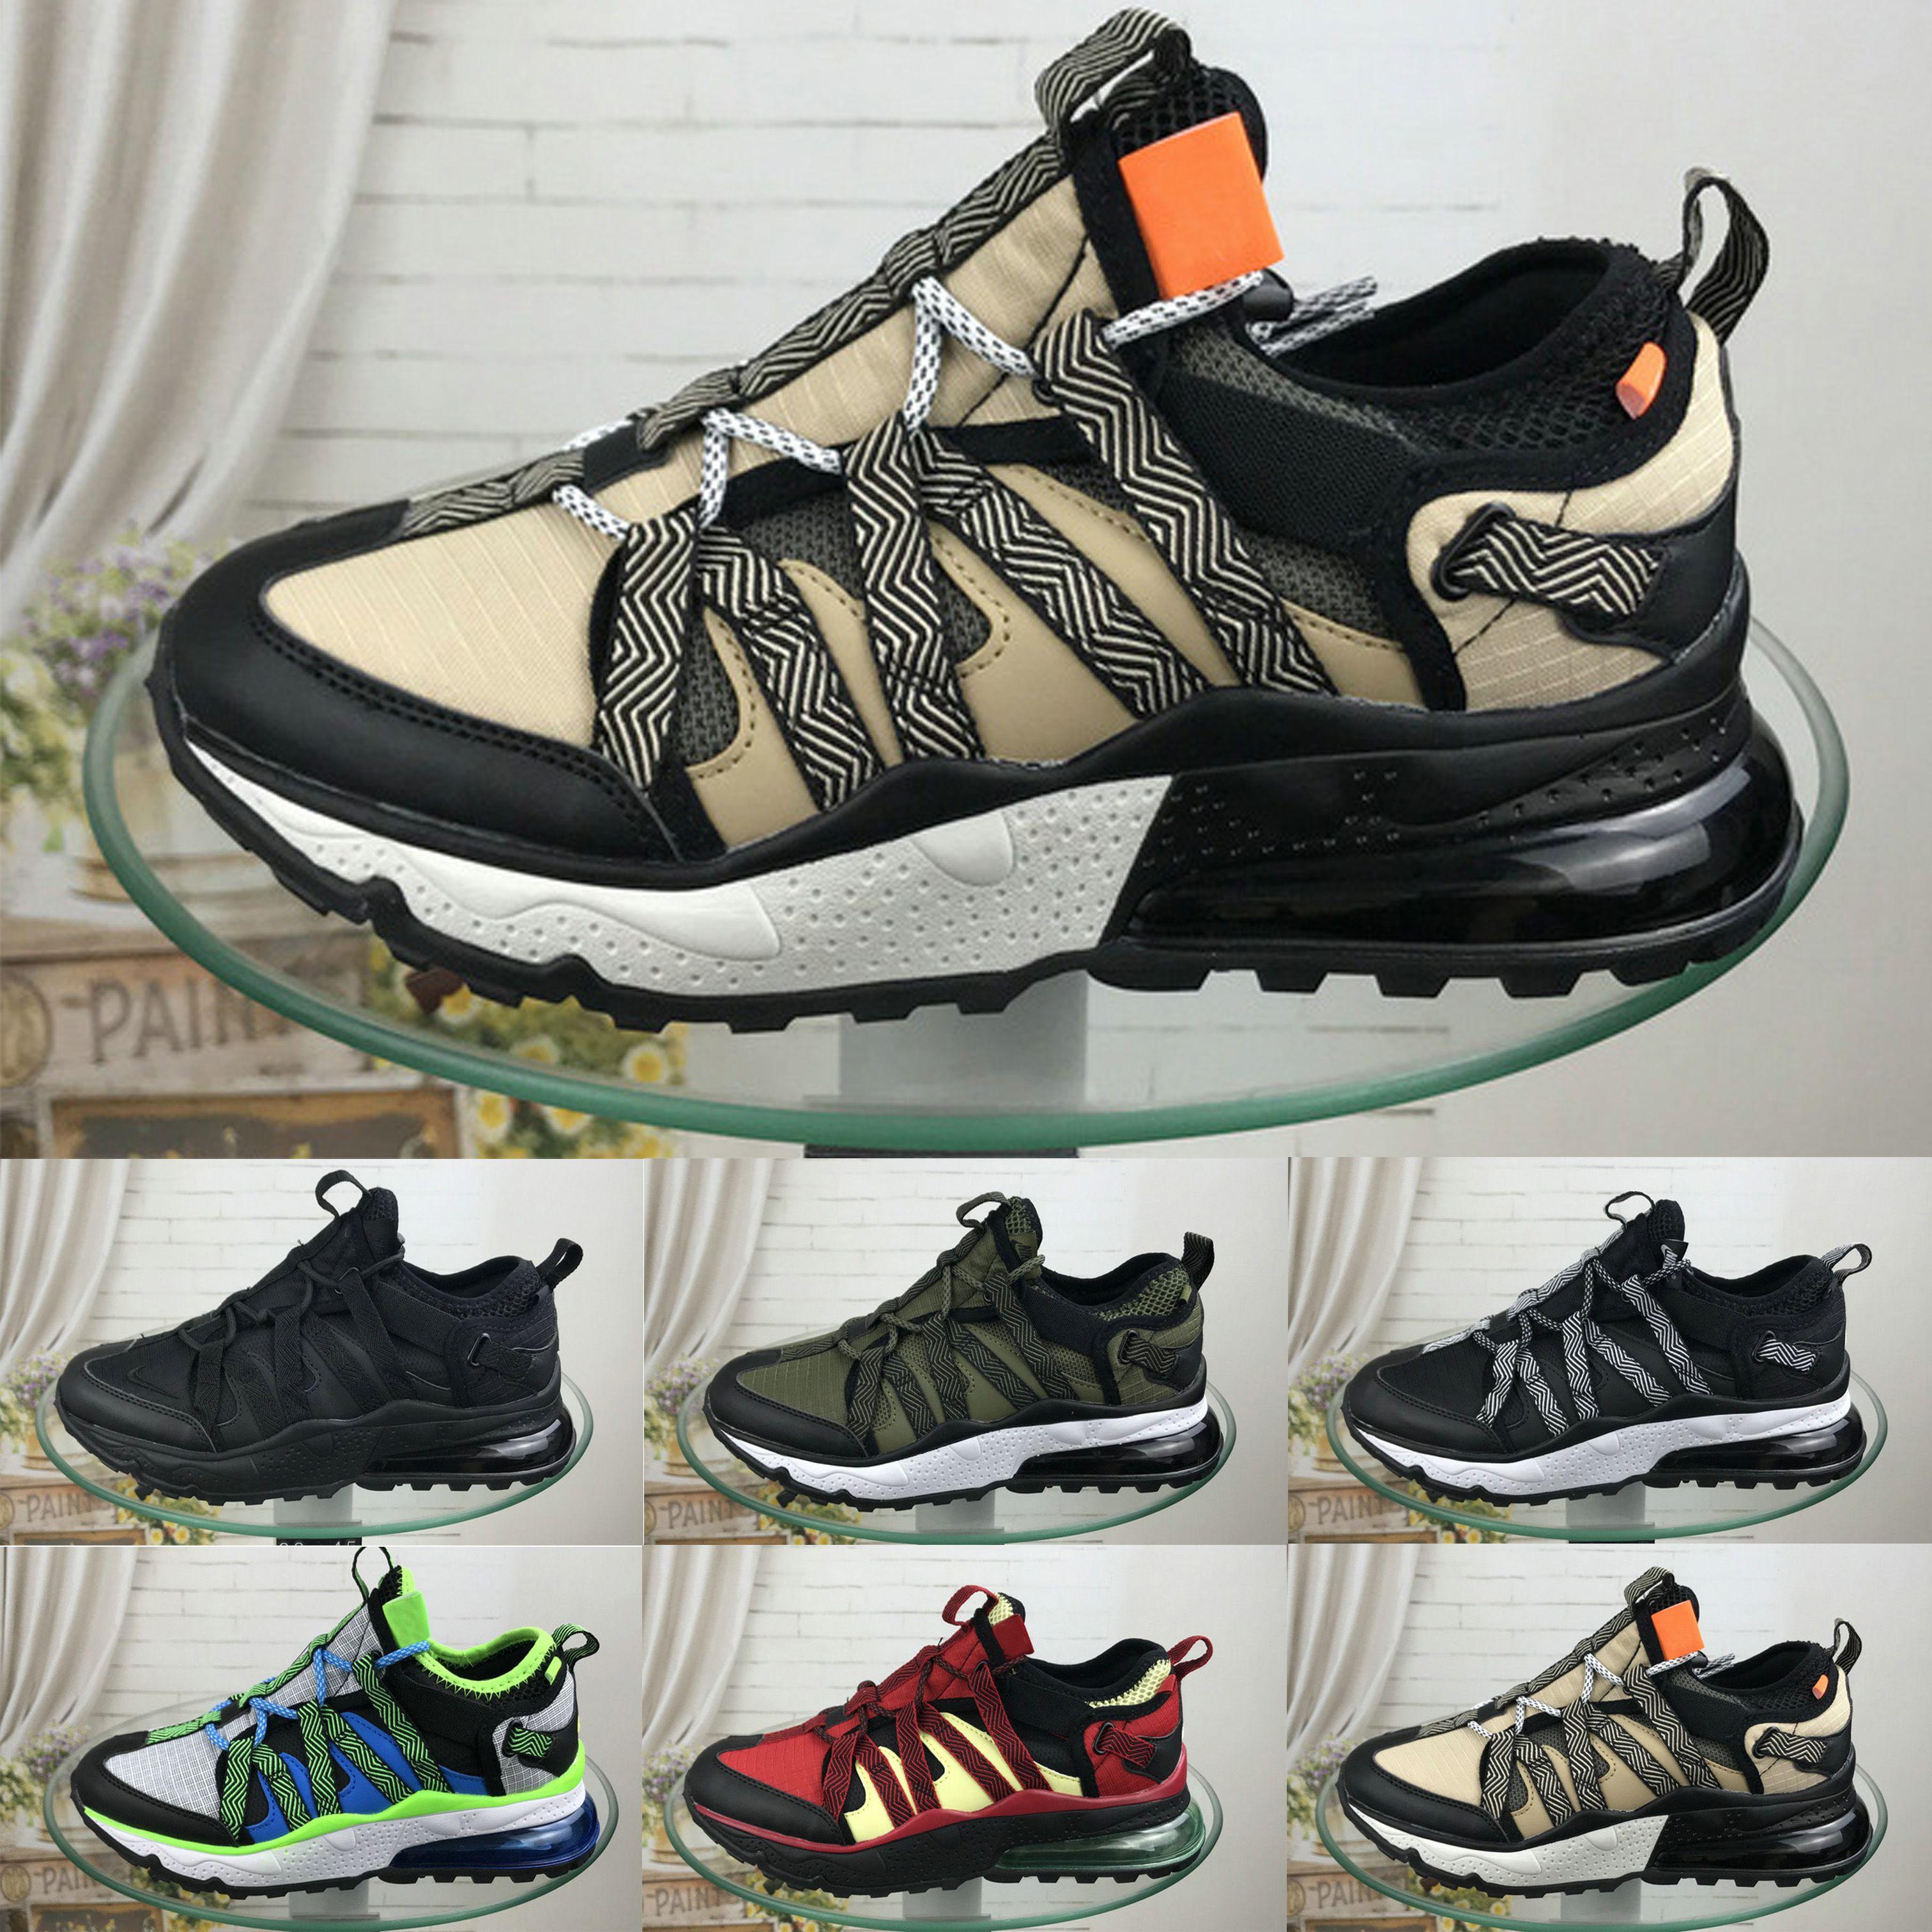 ff86e1a49a5 Compre 2019 Novo Estilo 270 Bowfin Running Shoes Para Homens 270 Bowfin  Esporte Atlético Zapatillas Hombre Andando Sapatos De Grife Sneakers Eur 40  45 De ...